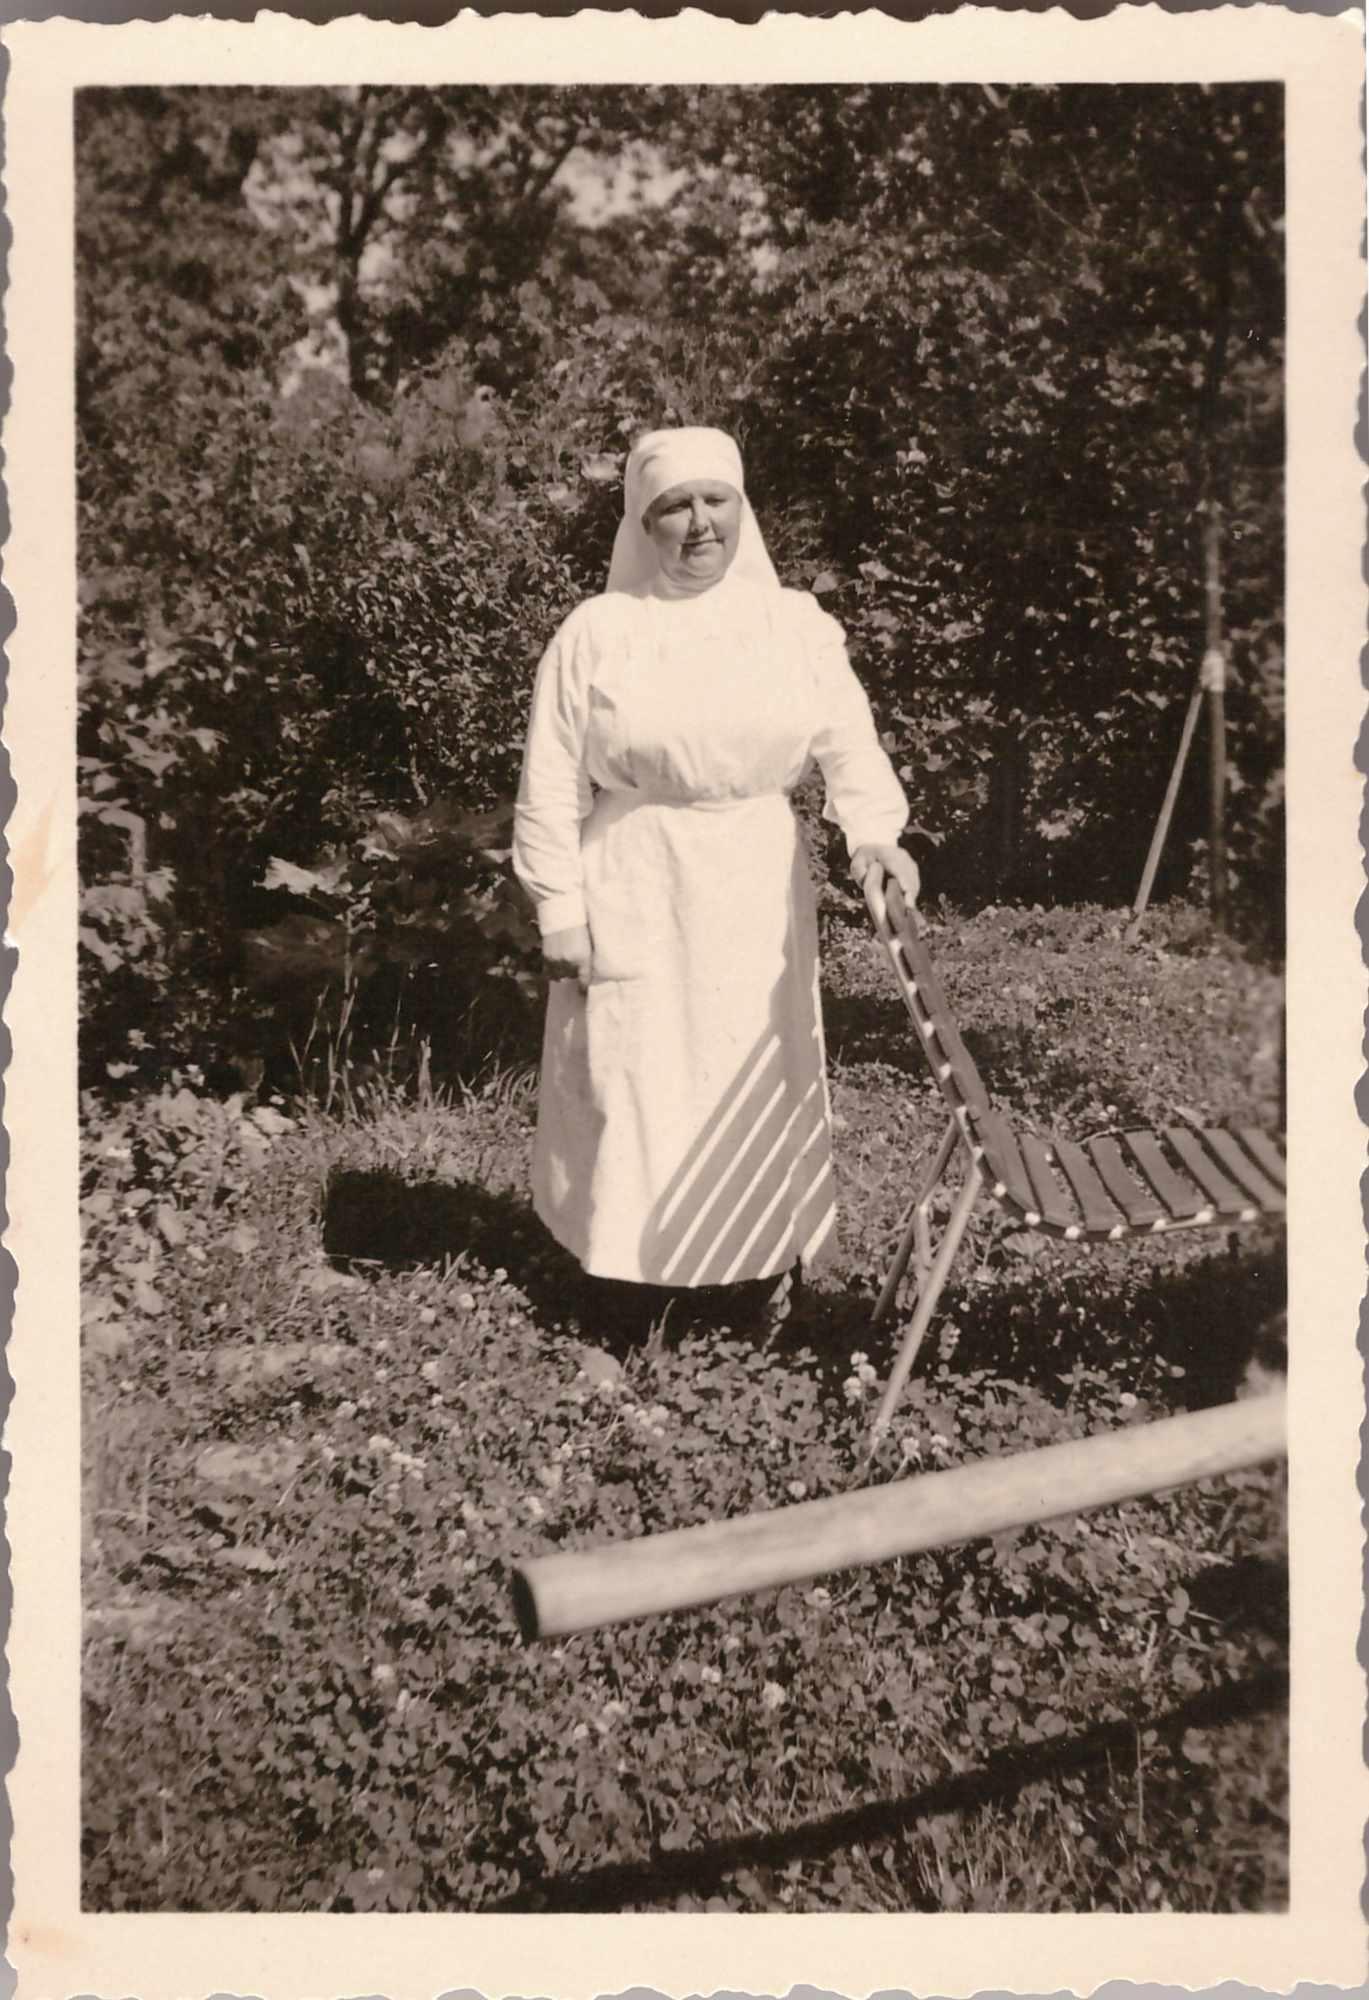 Bild: Maria Gürtler-Baumann im Frauenhilfsdienst als Pflegerin